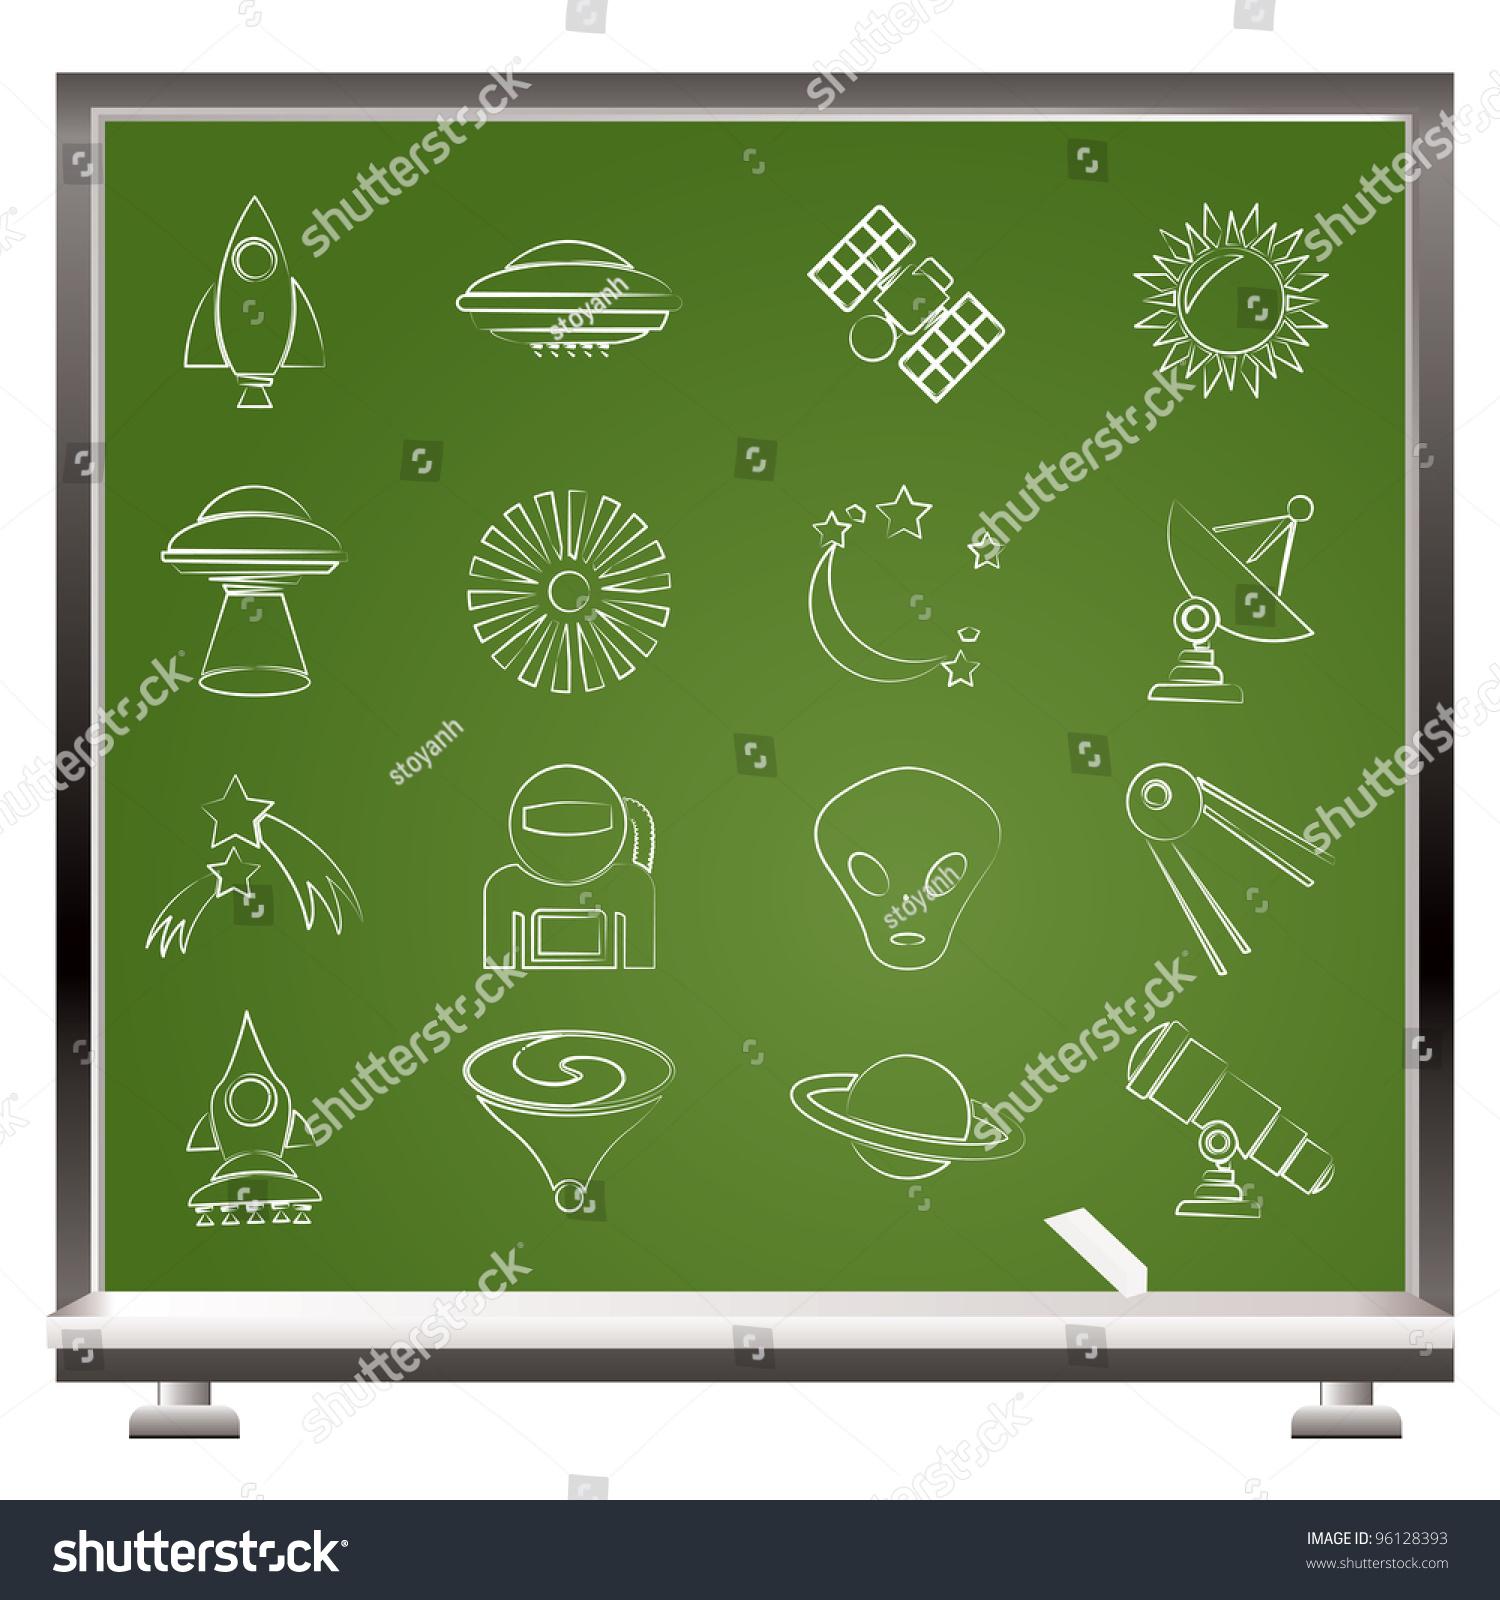 download Технология производства металлорежущих инструментов 1982